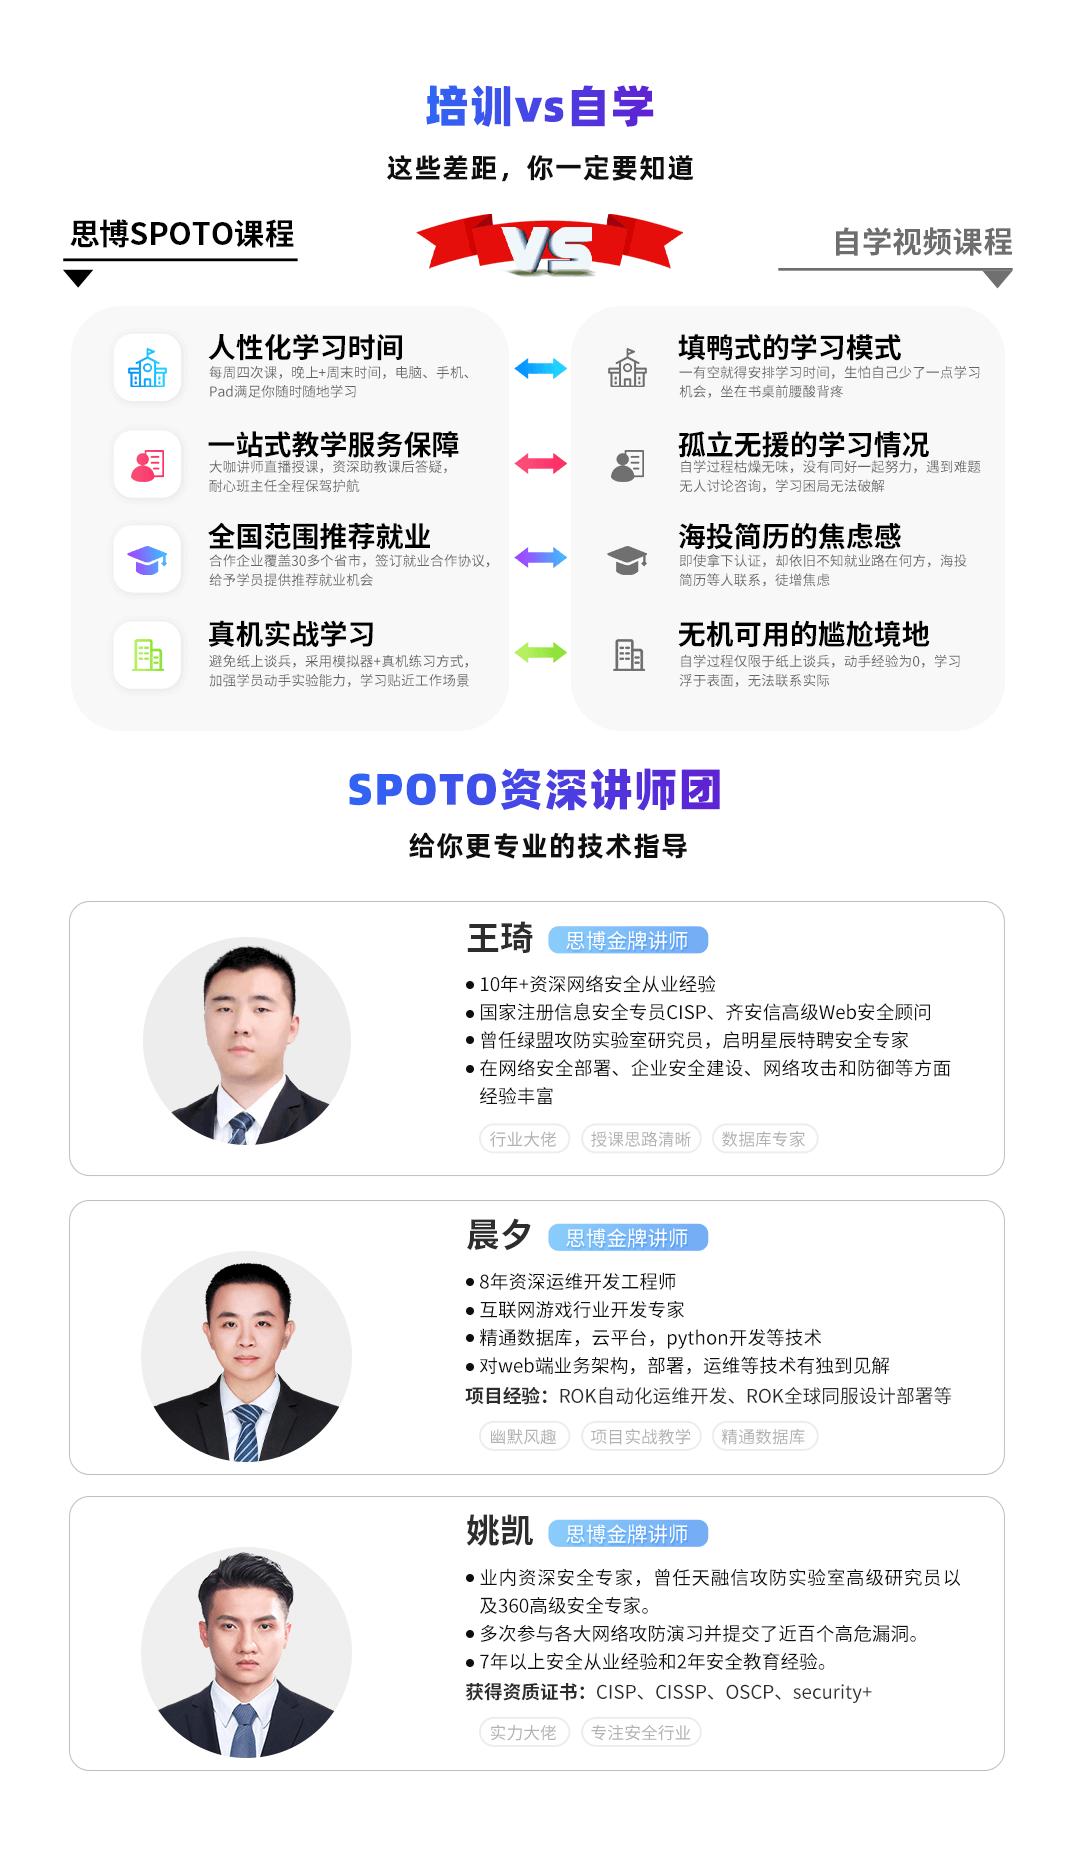 思博网络spoto网络安全工程师师资